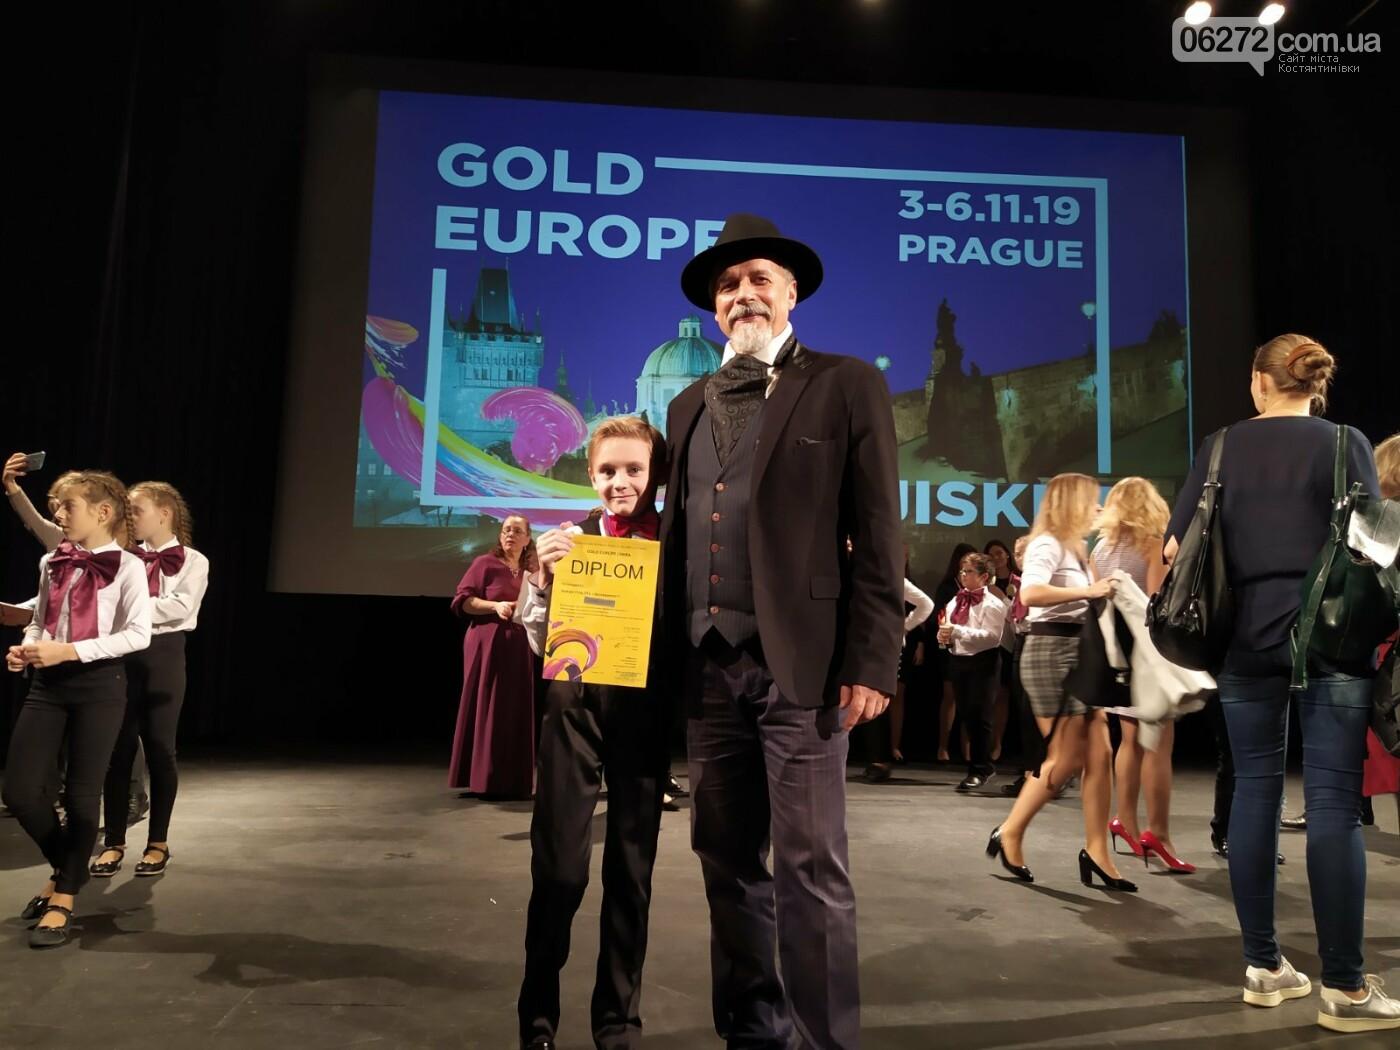 Єгор Князєв із Костянтинівки підкорив міжнародну арену, фото-2